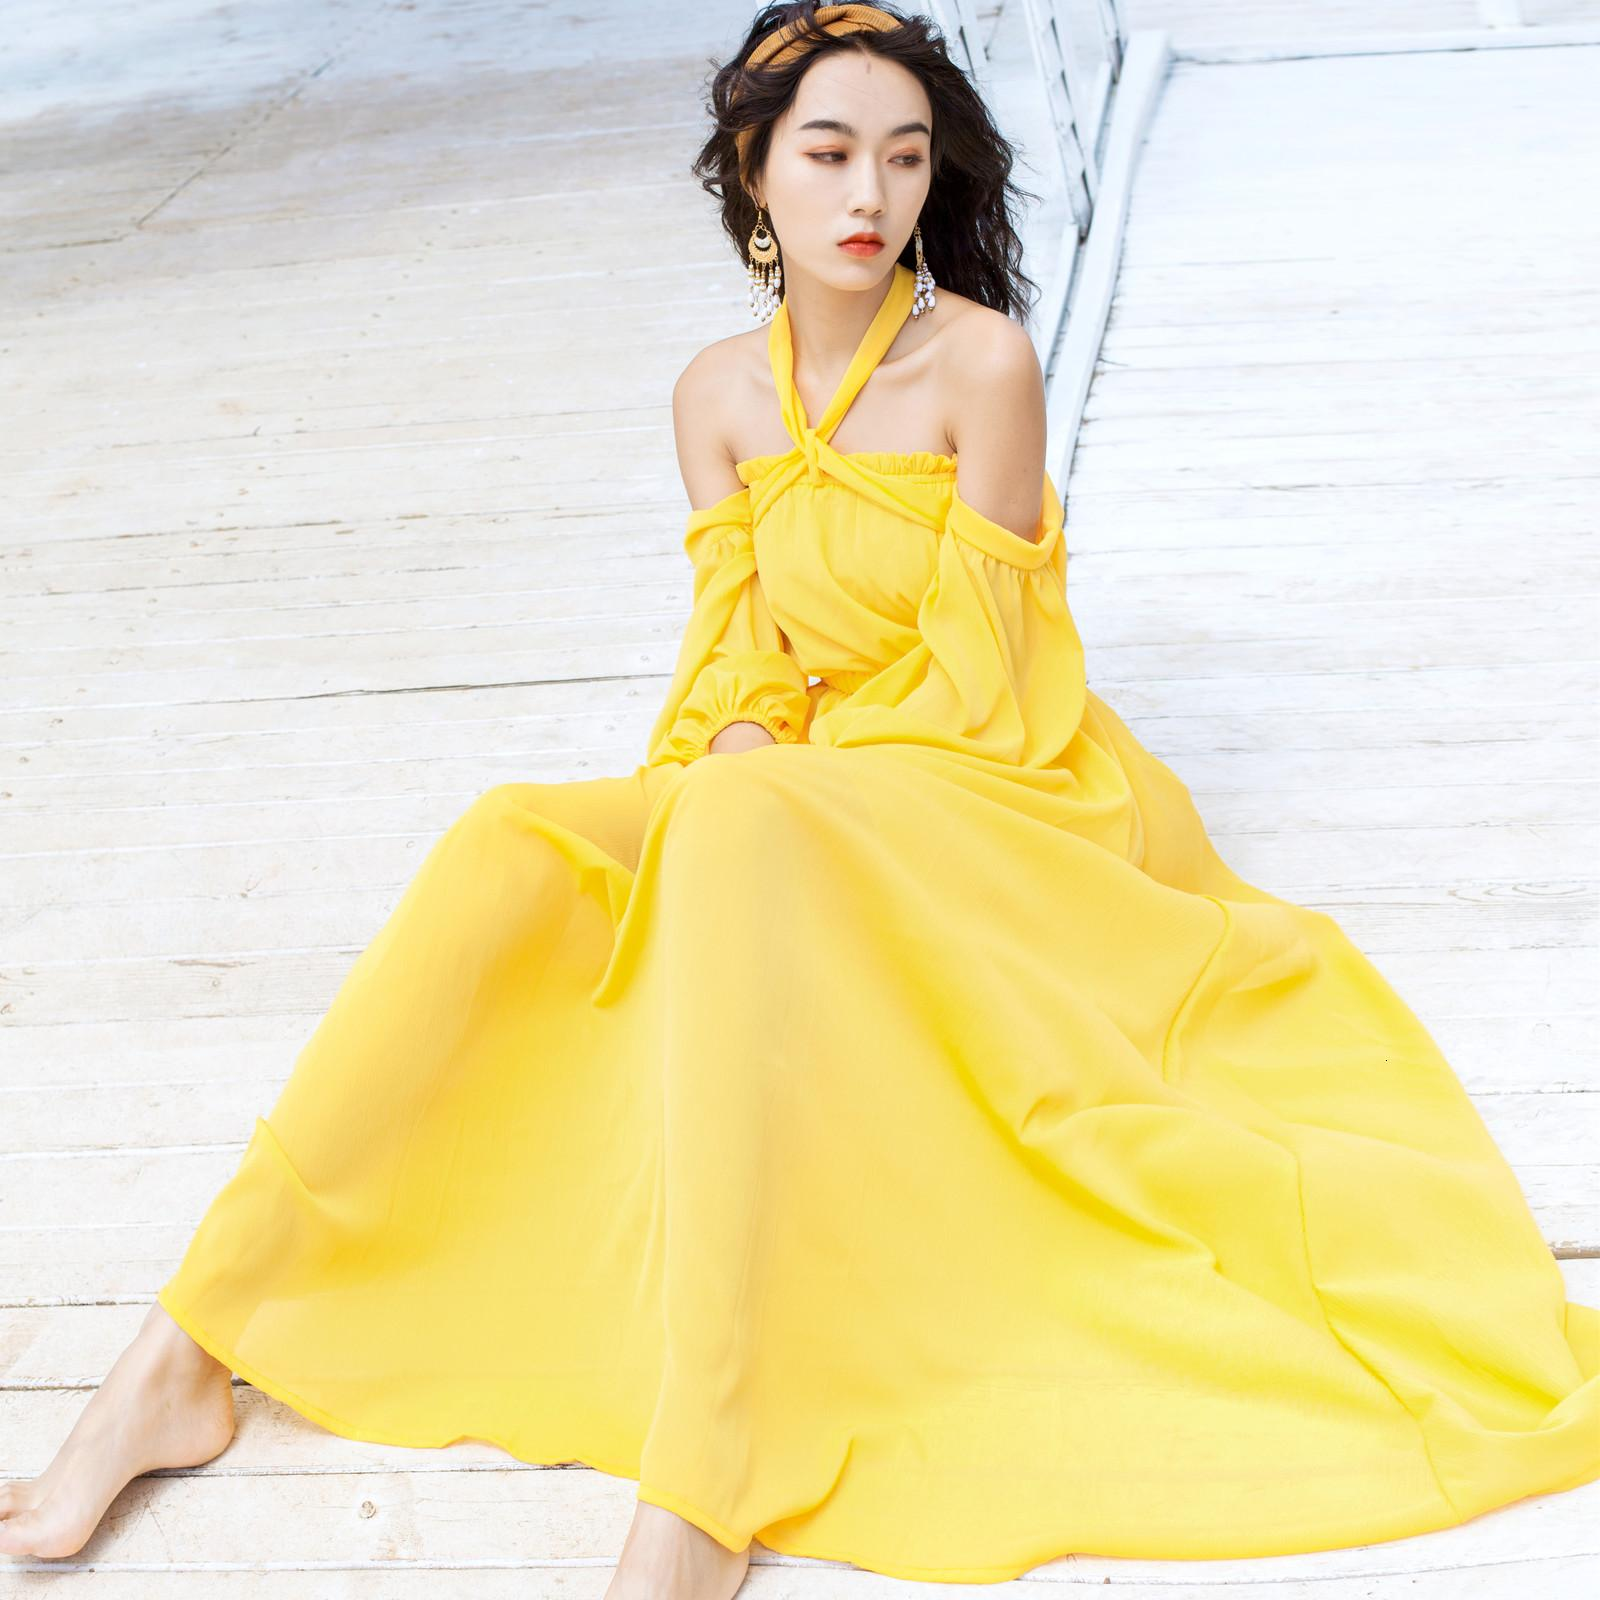 2021 yaz plaj giyinmiş gevşek sarı katı kadın halter yaka fener elastik bel elbise kadın boho j8rn